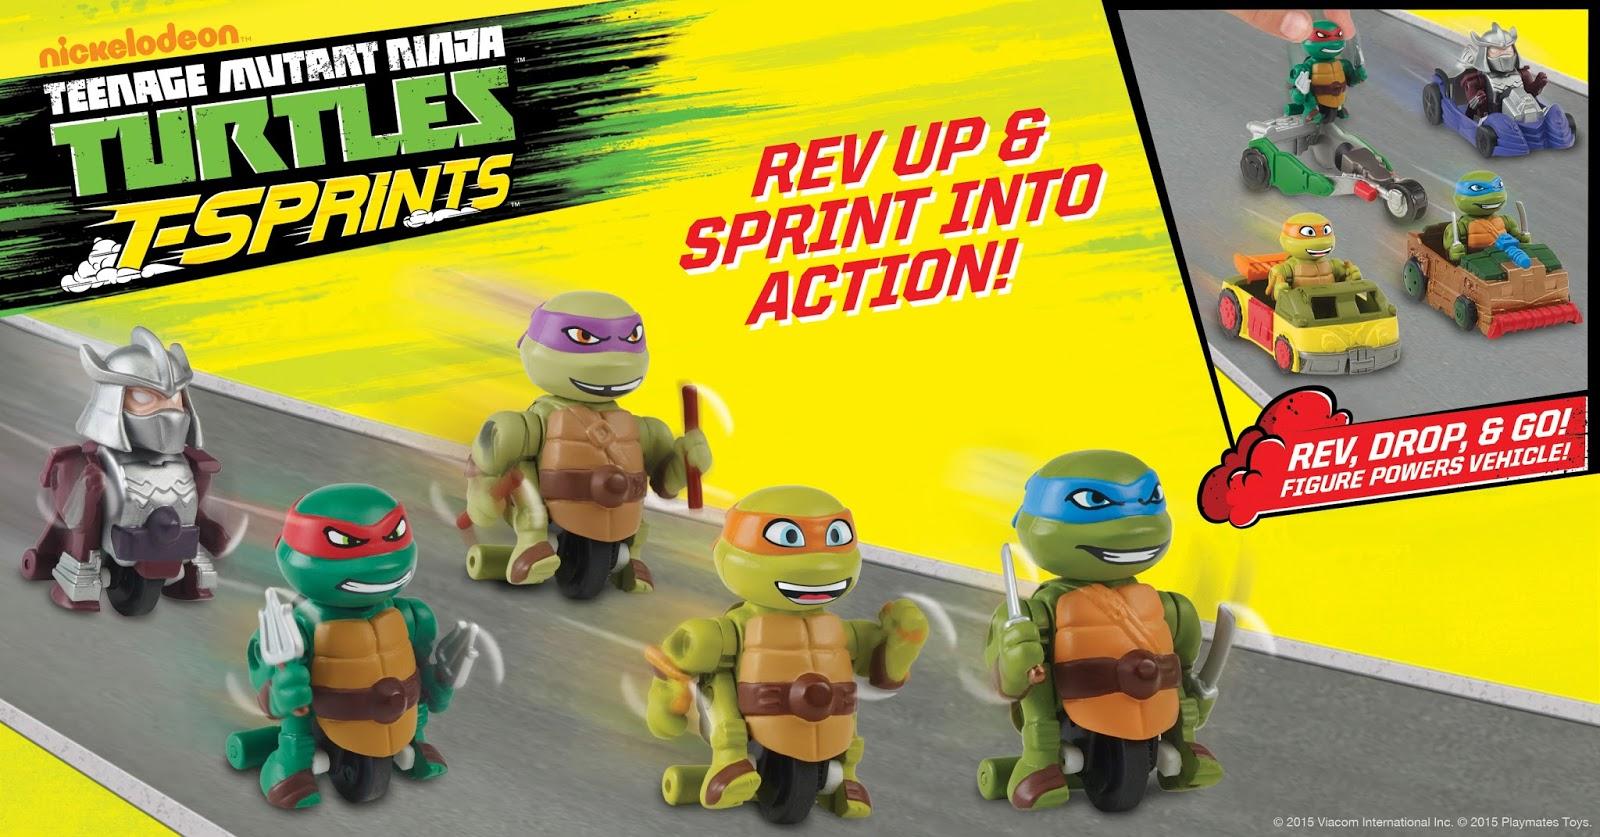 NickALive!: Playmates Toys Rev Teenage Mutant Ninja ...Nickelodeon Ninja Turtles Toys